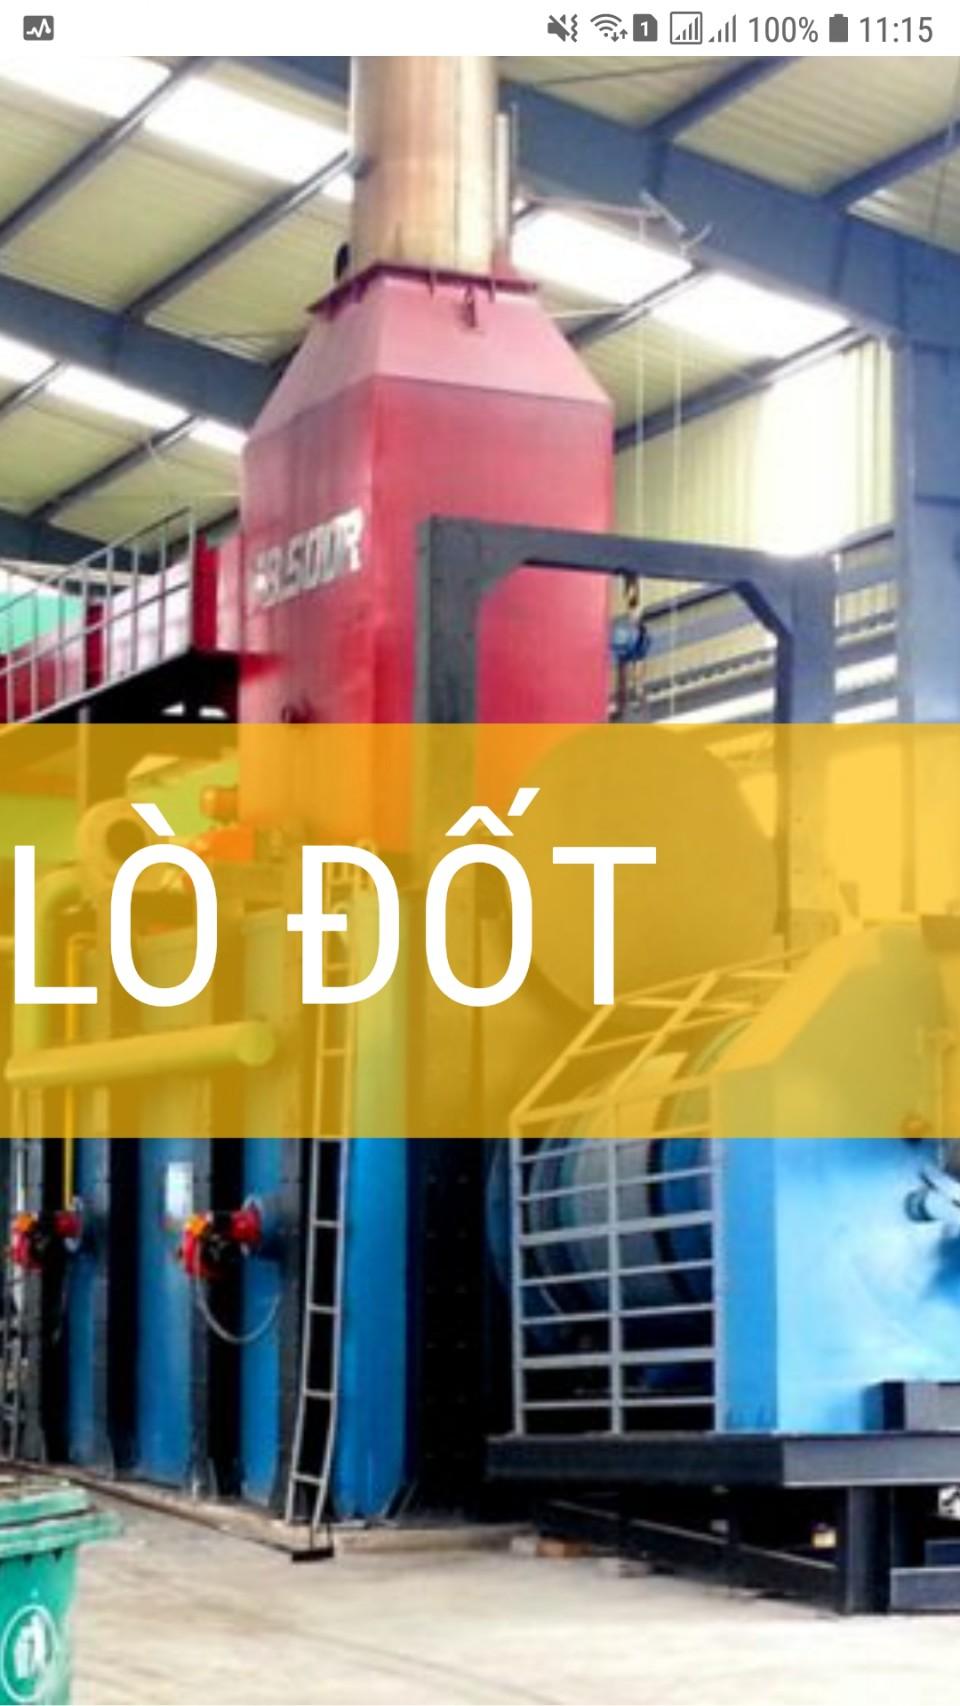 Nhà máy xử lý chất thải rắn phát điện cần thơ đang phát huy hiệu quả